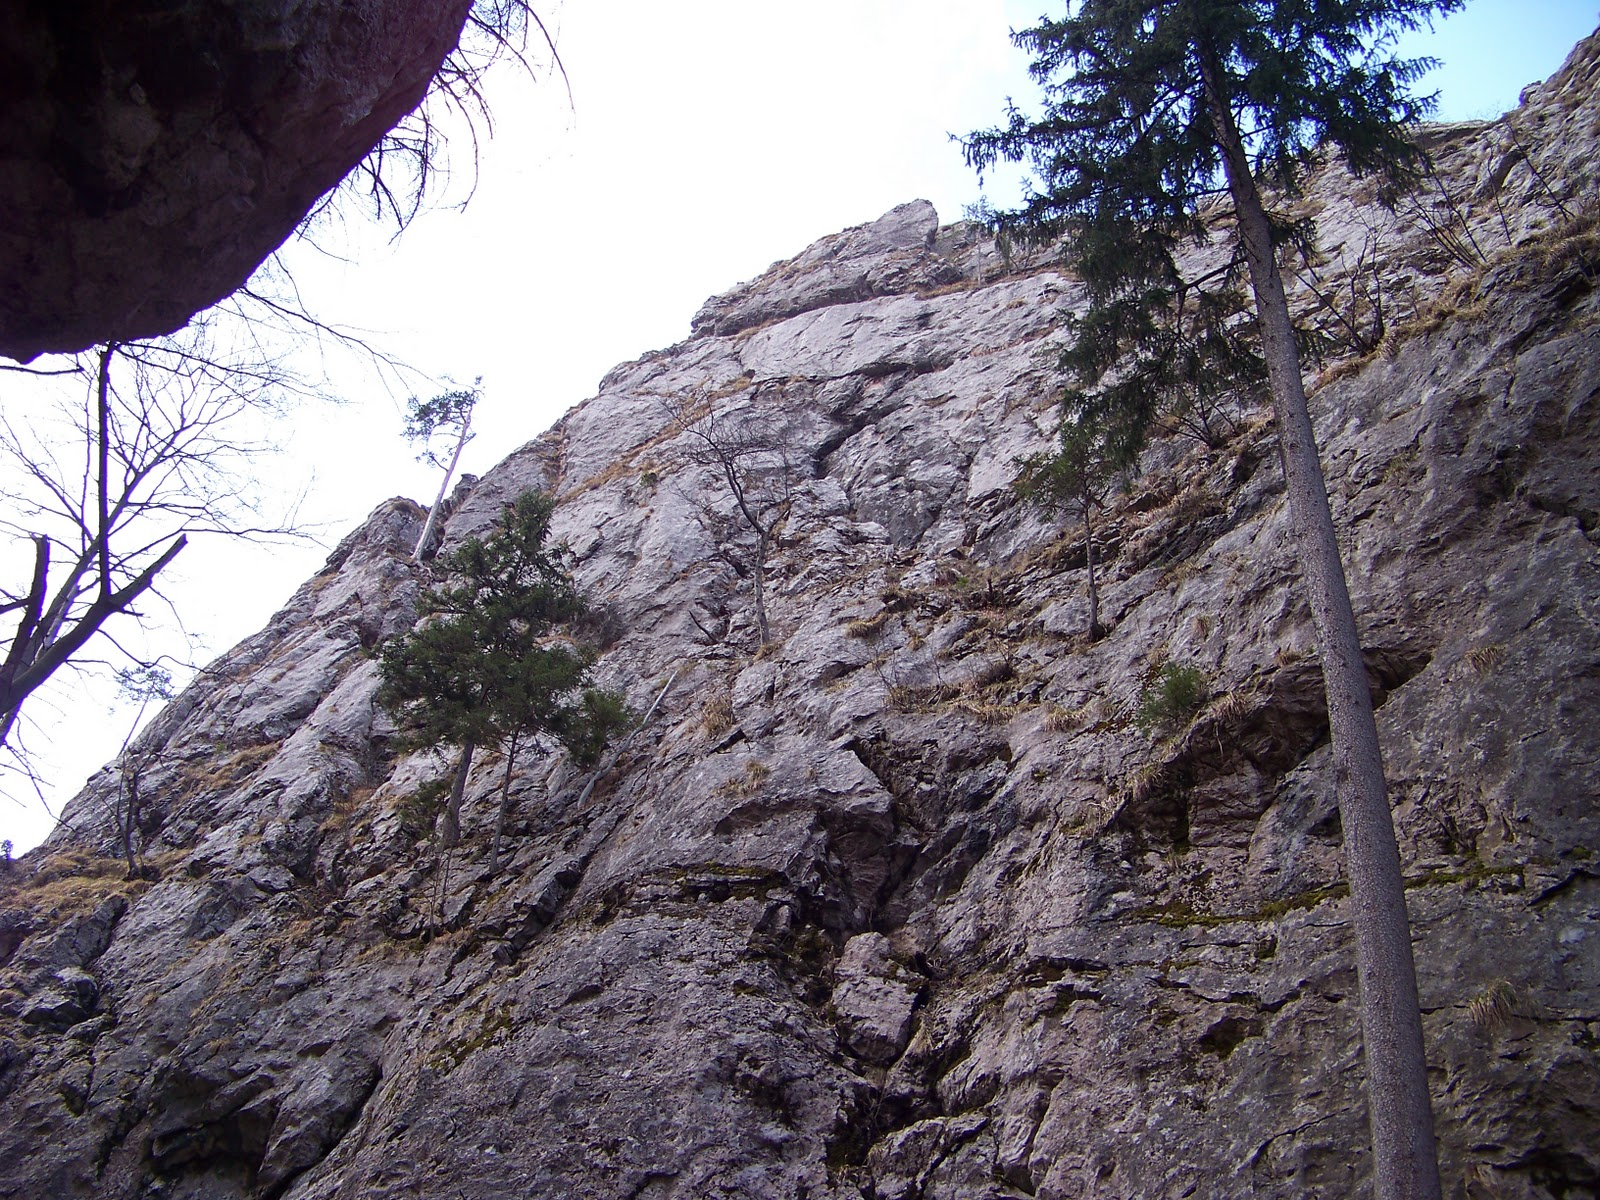 new style 8e1b8 ec023 Freiluft-Geckos: Klettern - Mixnitz Nadelspitz Ost